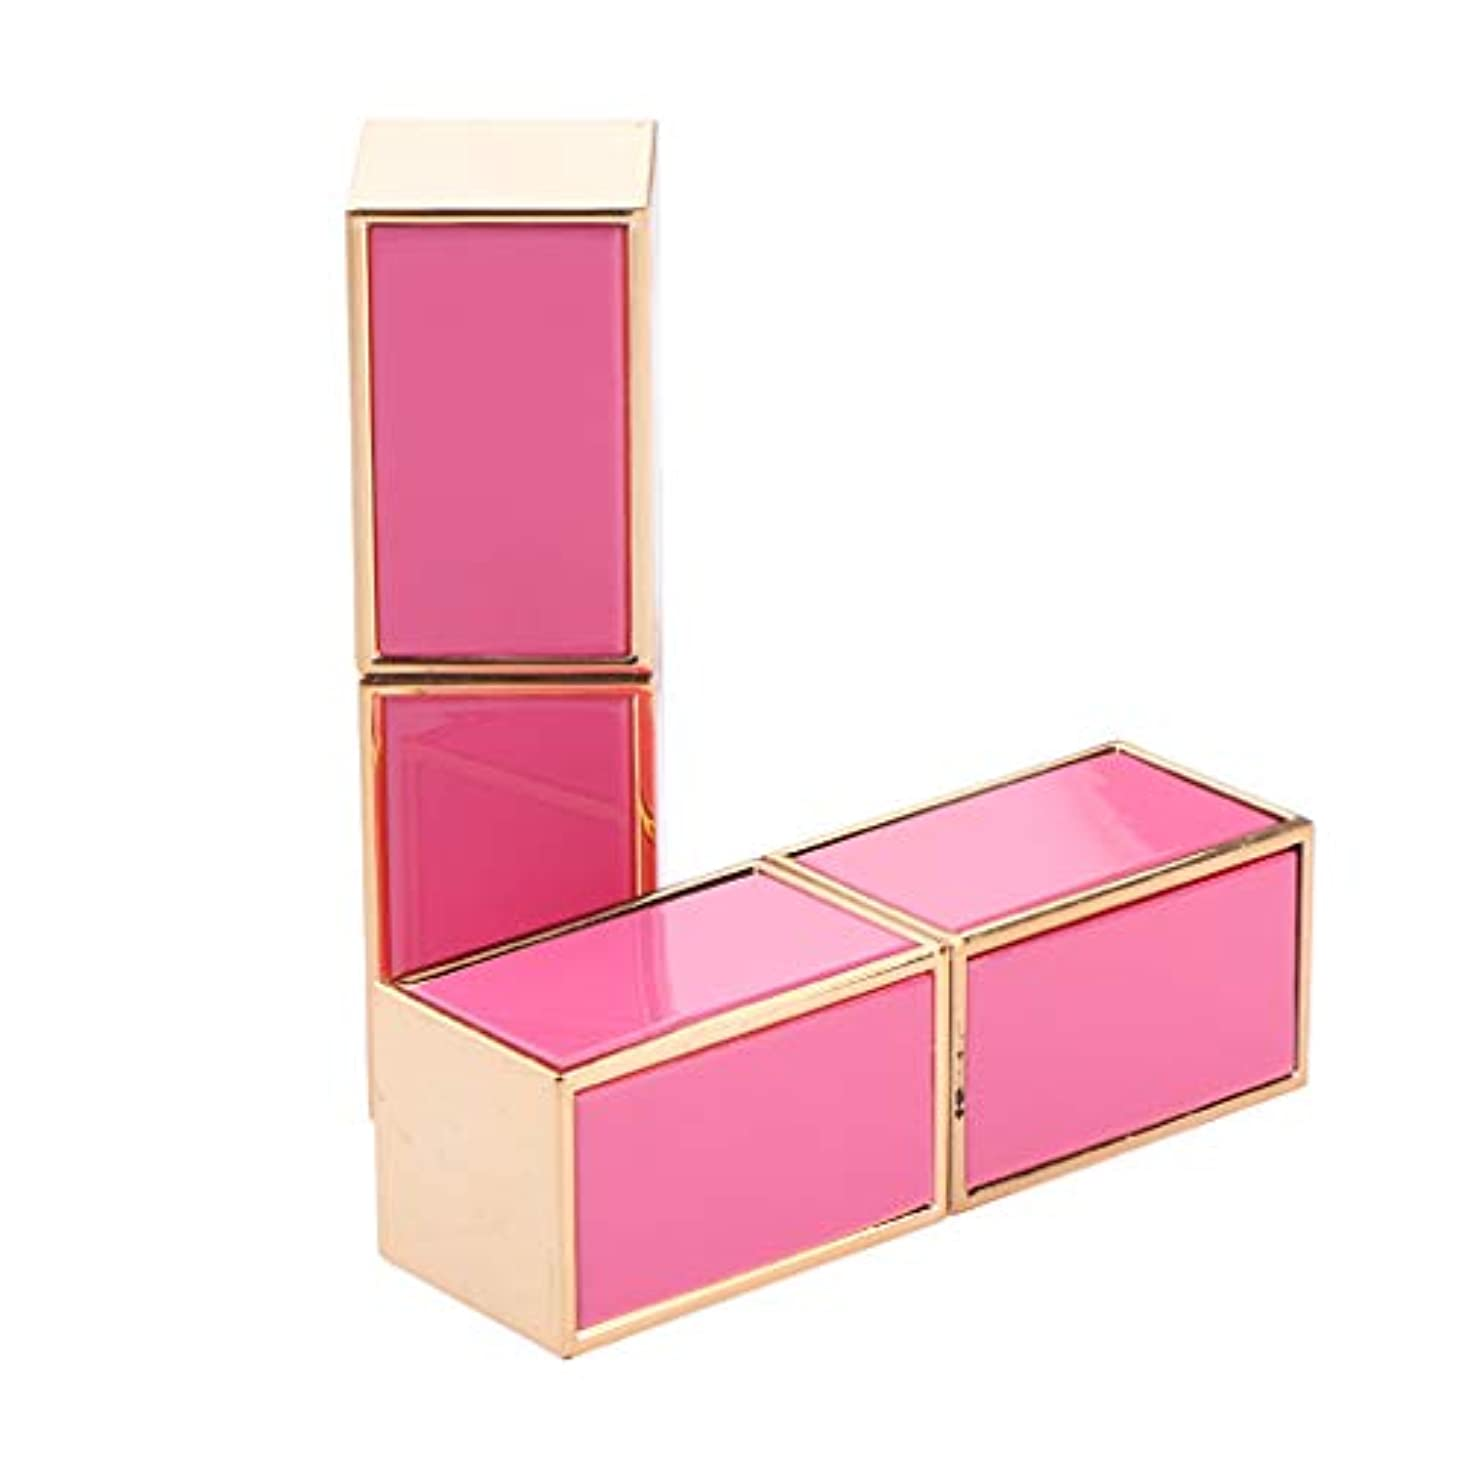 モッキンバード見かけ上後2本 空の口紅チューブ リップクリームチューブ 正方形 - ピンク